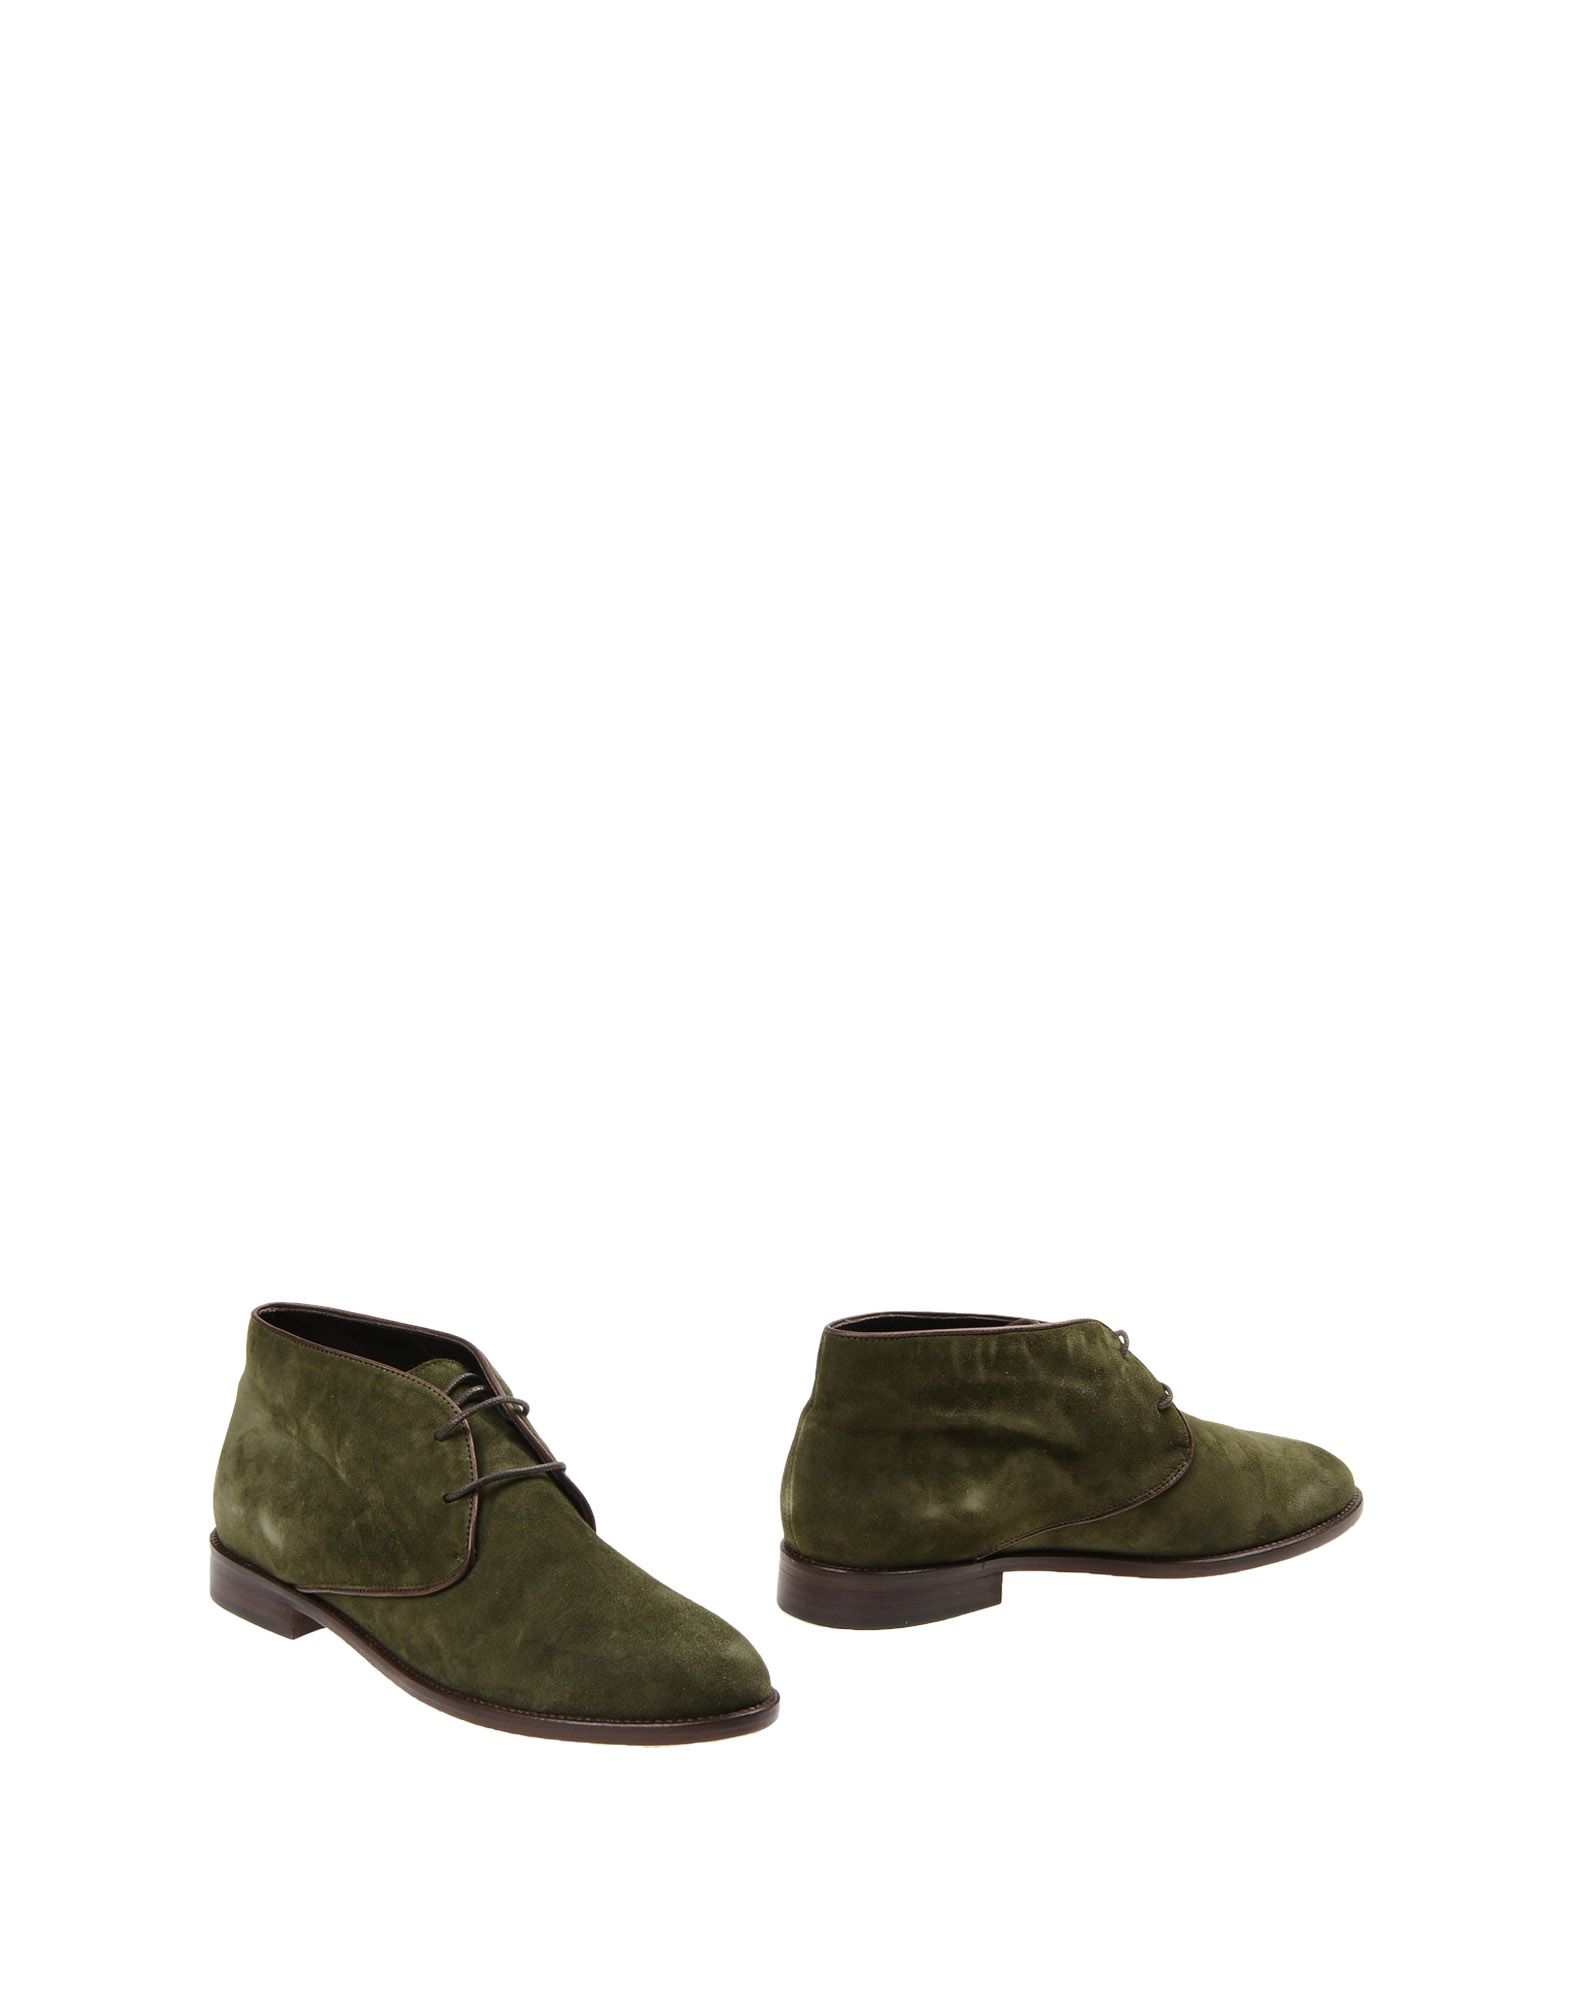 CB CECILIA BRINGHELI Ankle Boot in Military Green